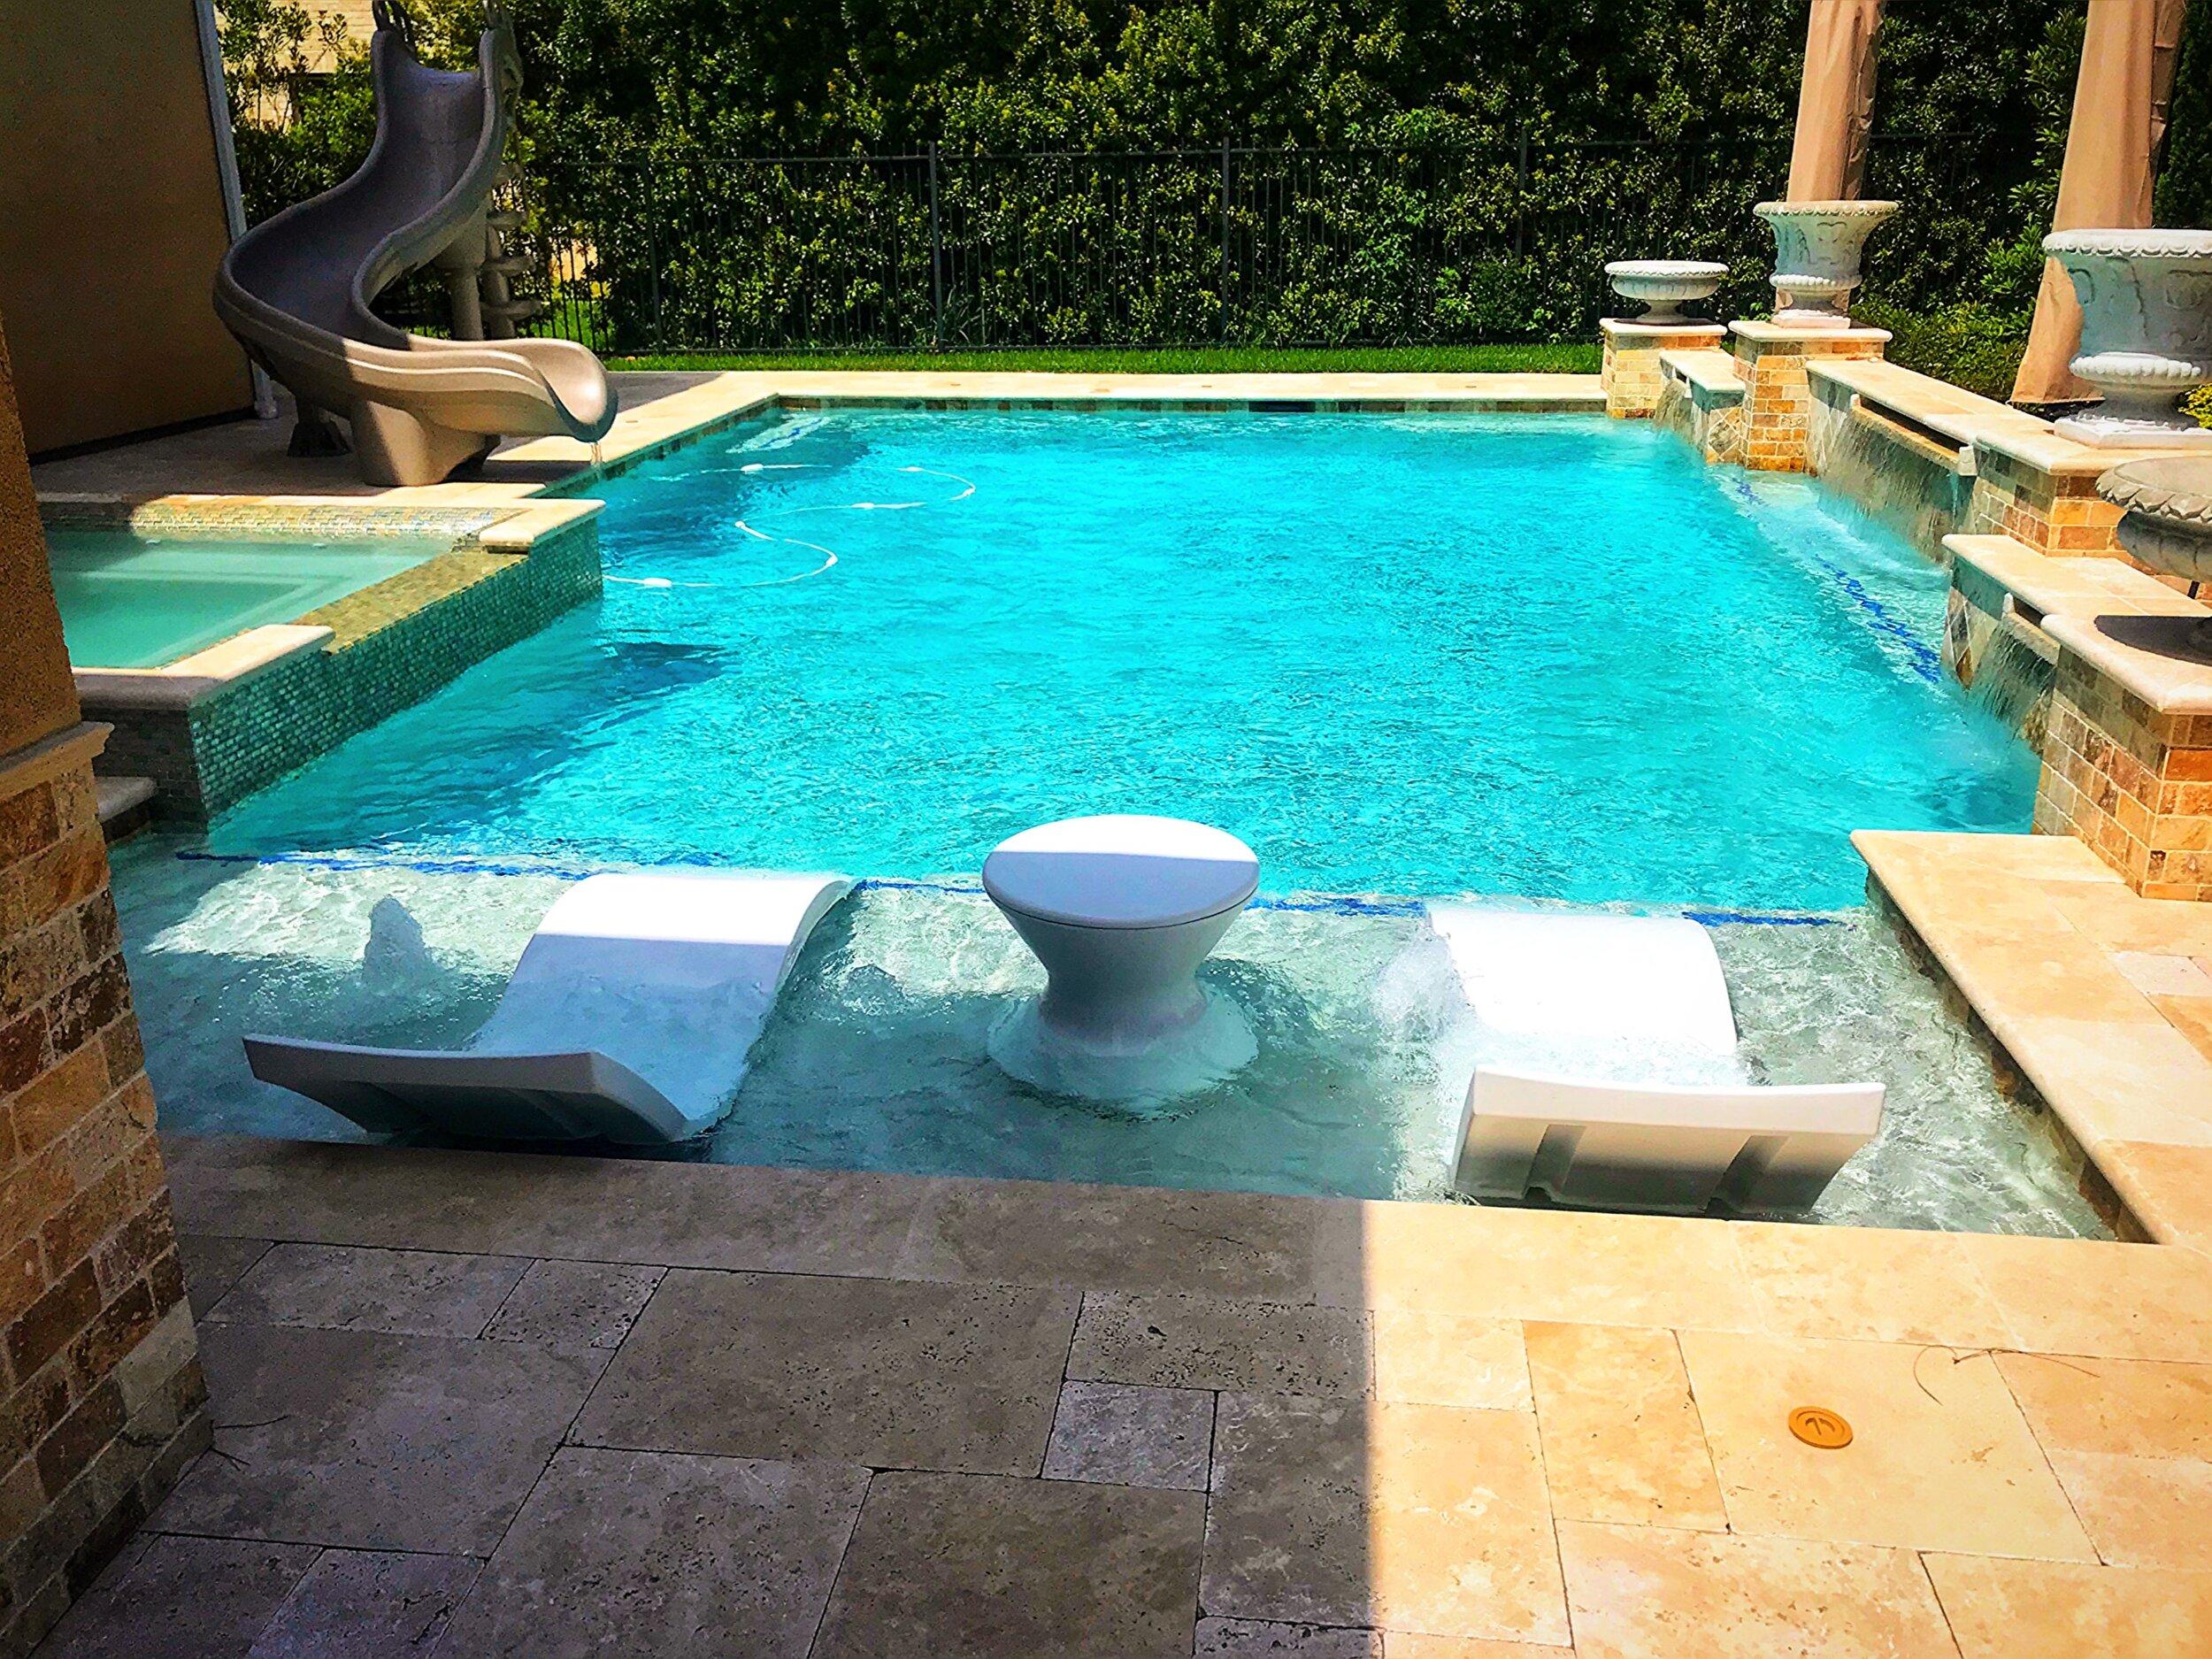 Chaparral Pools